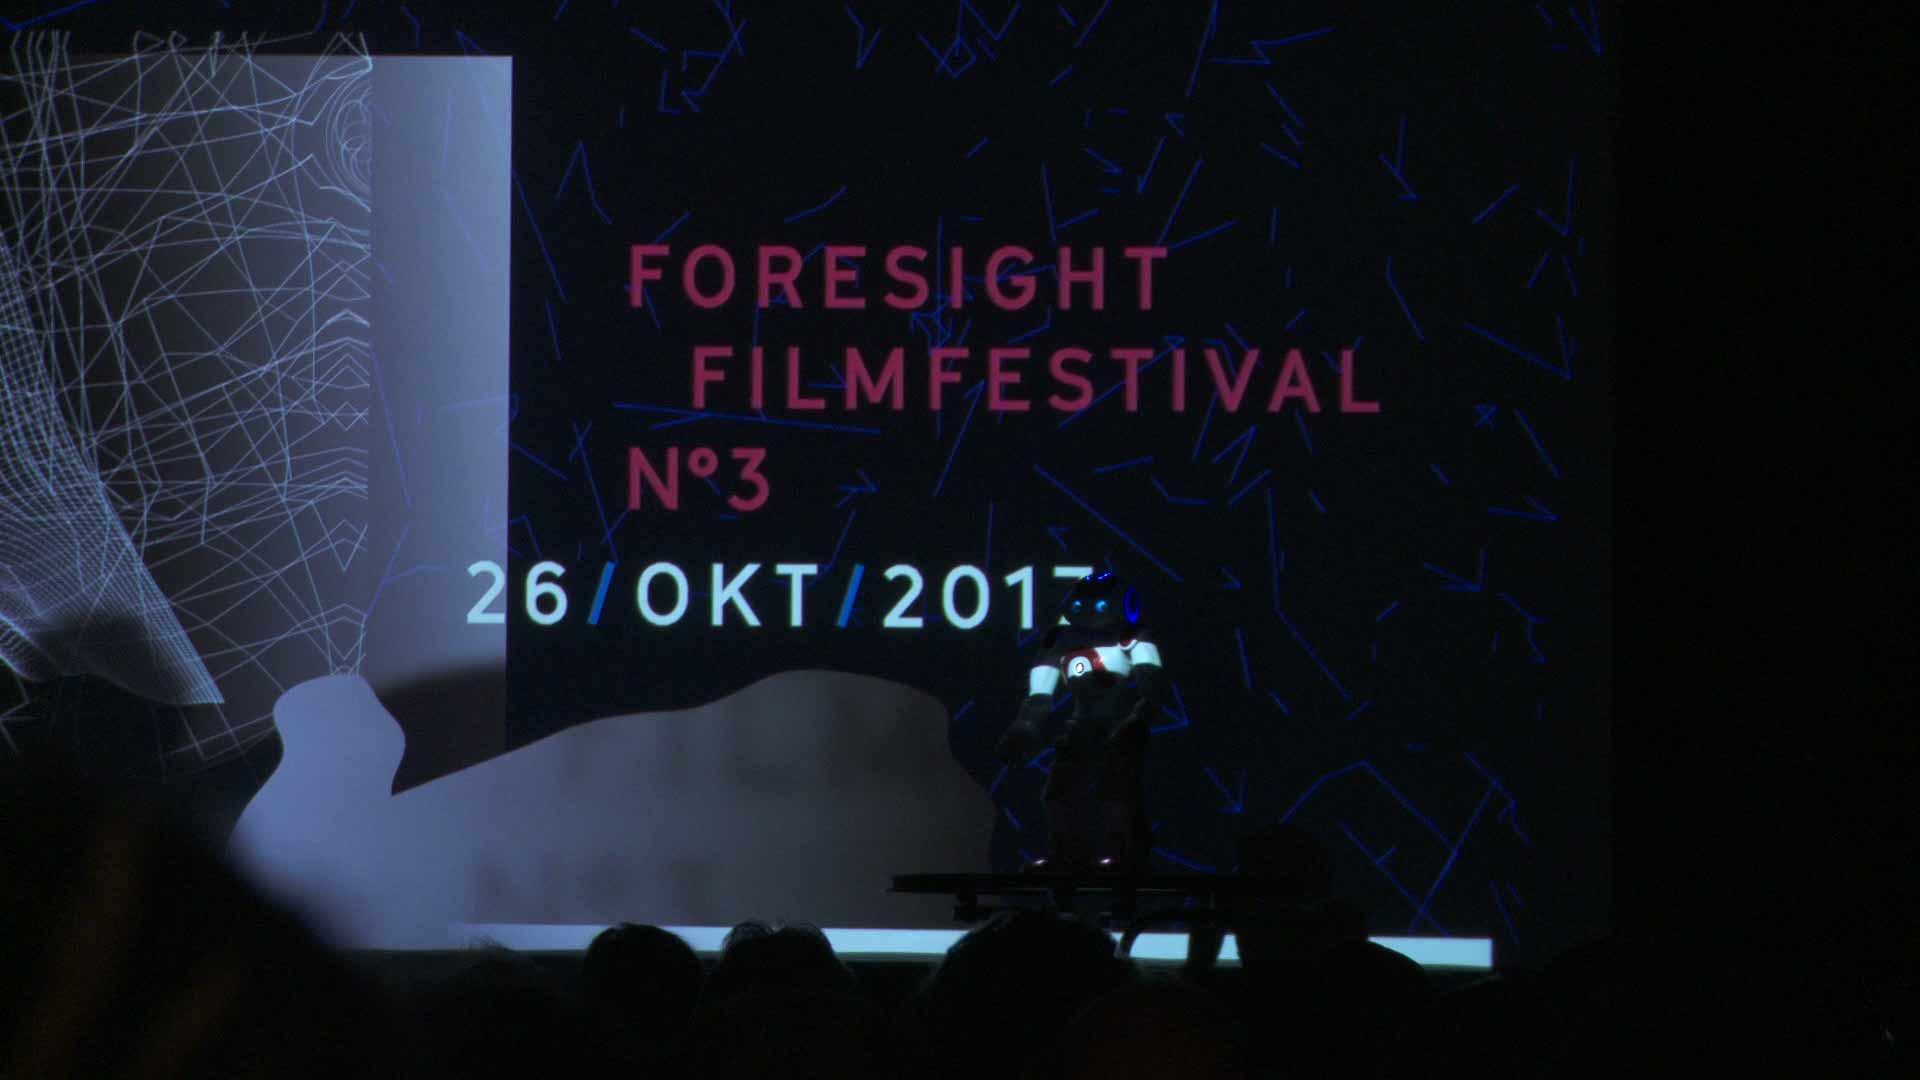 Foresight Filmfestival 2017